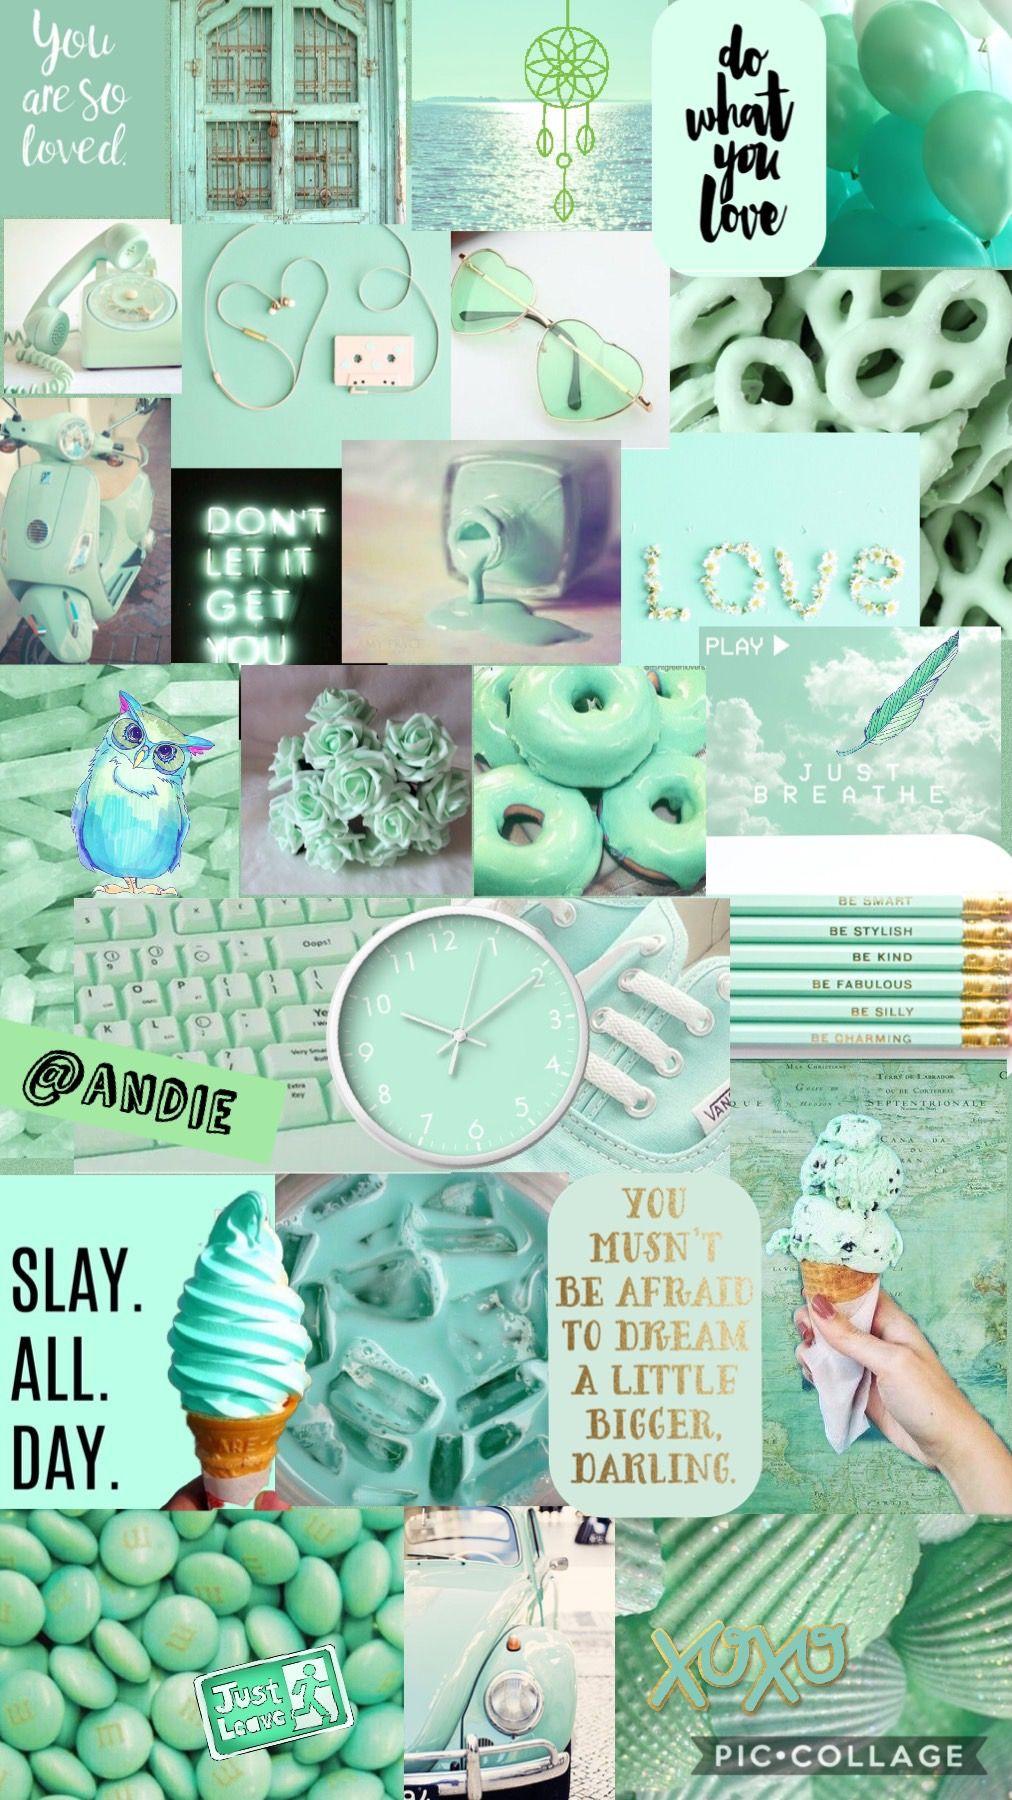 Pastel Green Aesthetic Wallpaper For Laptop Mint Green Aesthetic 1012x1800 Download Hd Wallpaper Wallpapertip mint green aesthetic 1012x1800